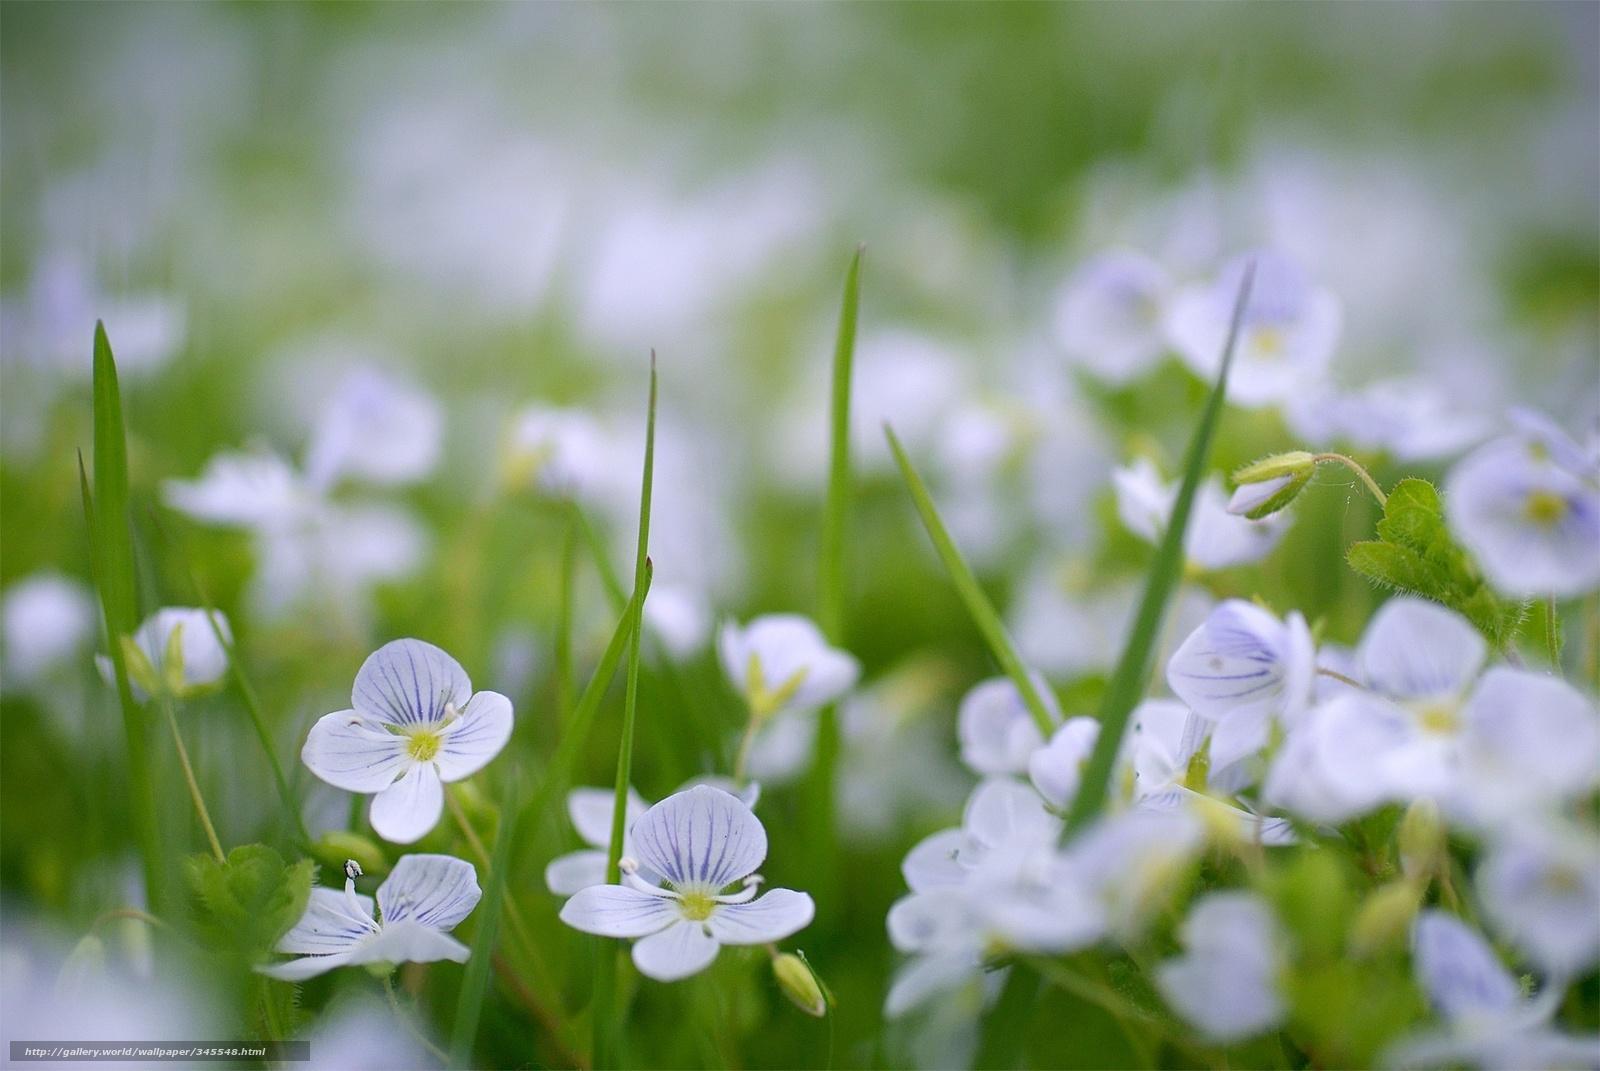 Скачать обои природа,  весна,  цветы бесплатно для рабочего стола в разрешении 1936x1296 — картинка №345548